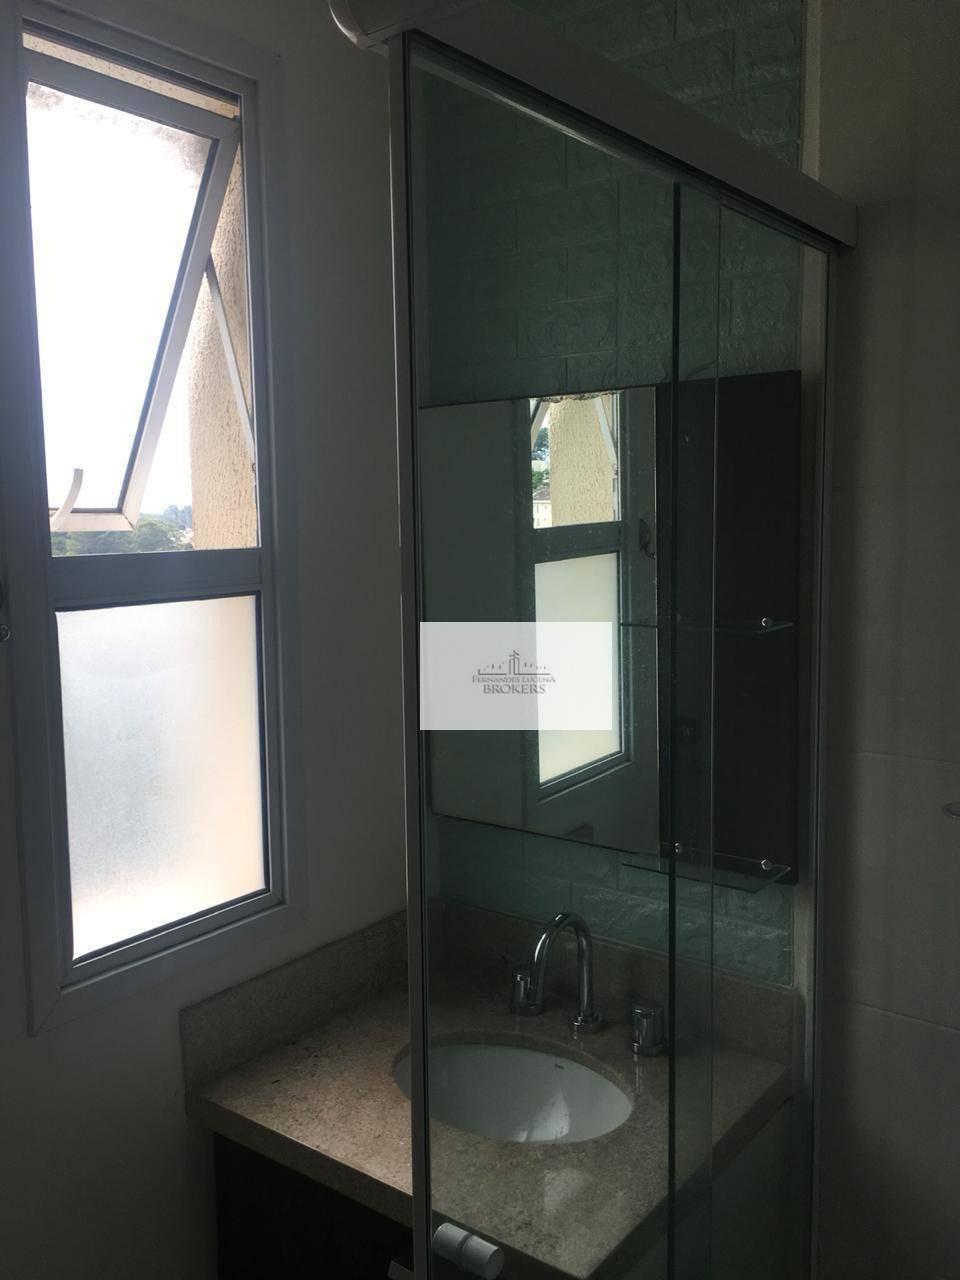 apt 65 m2 , sendo 2 dormitorios com 1 suíte, sala ampliada, 1 vaga de garagem,...